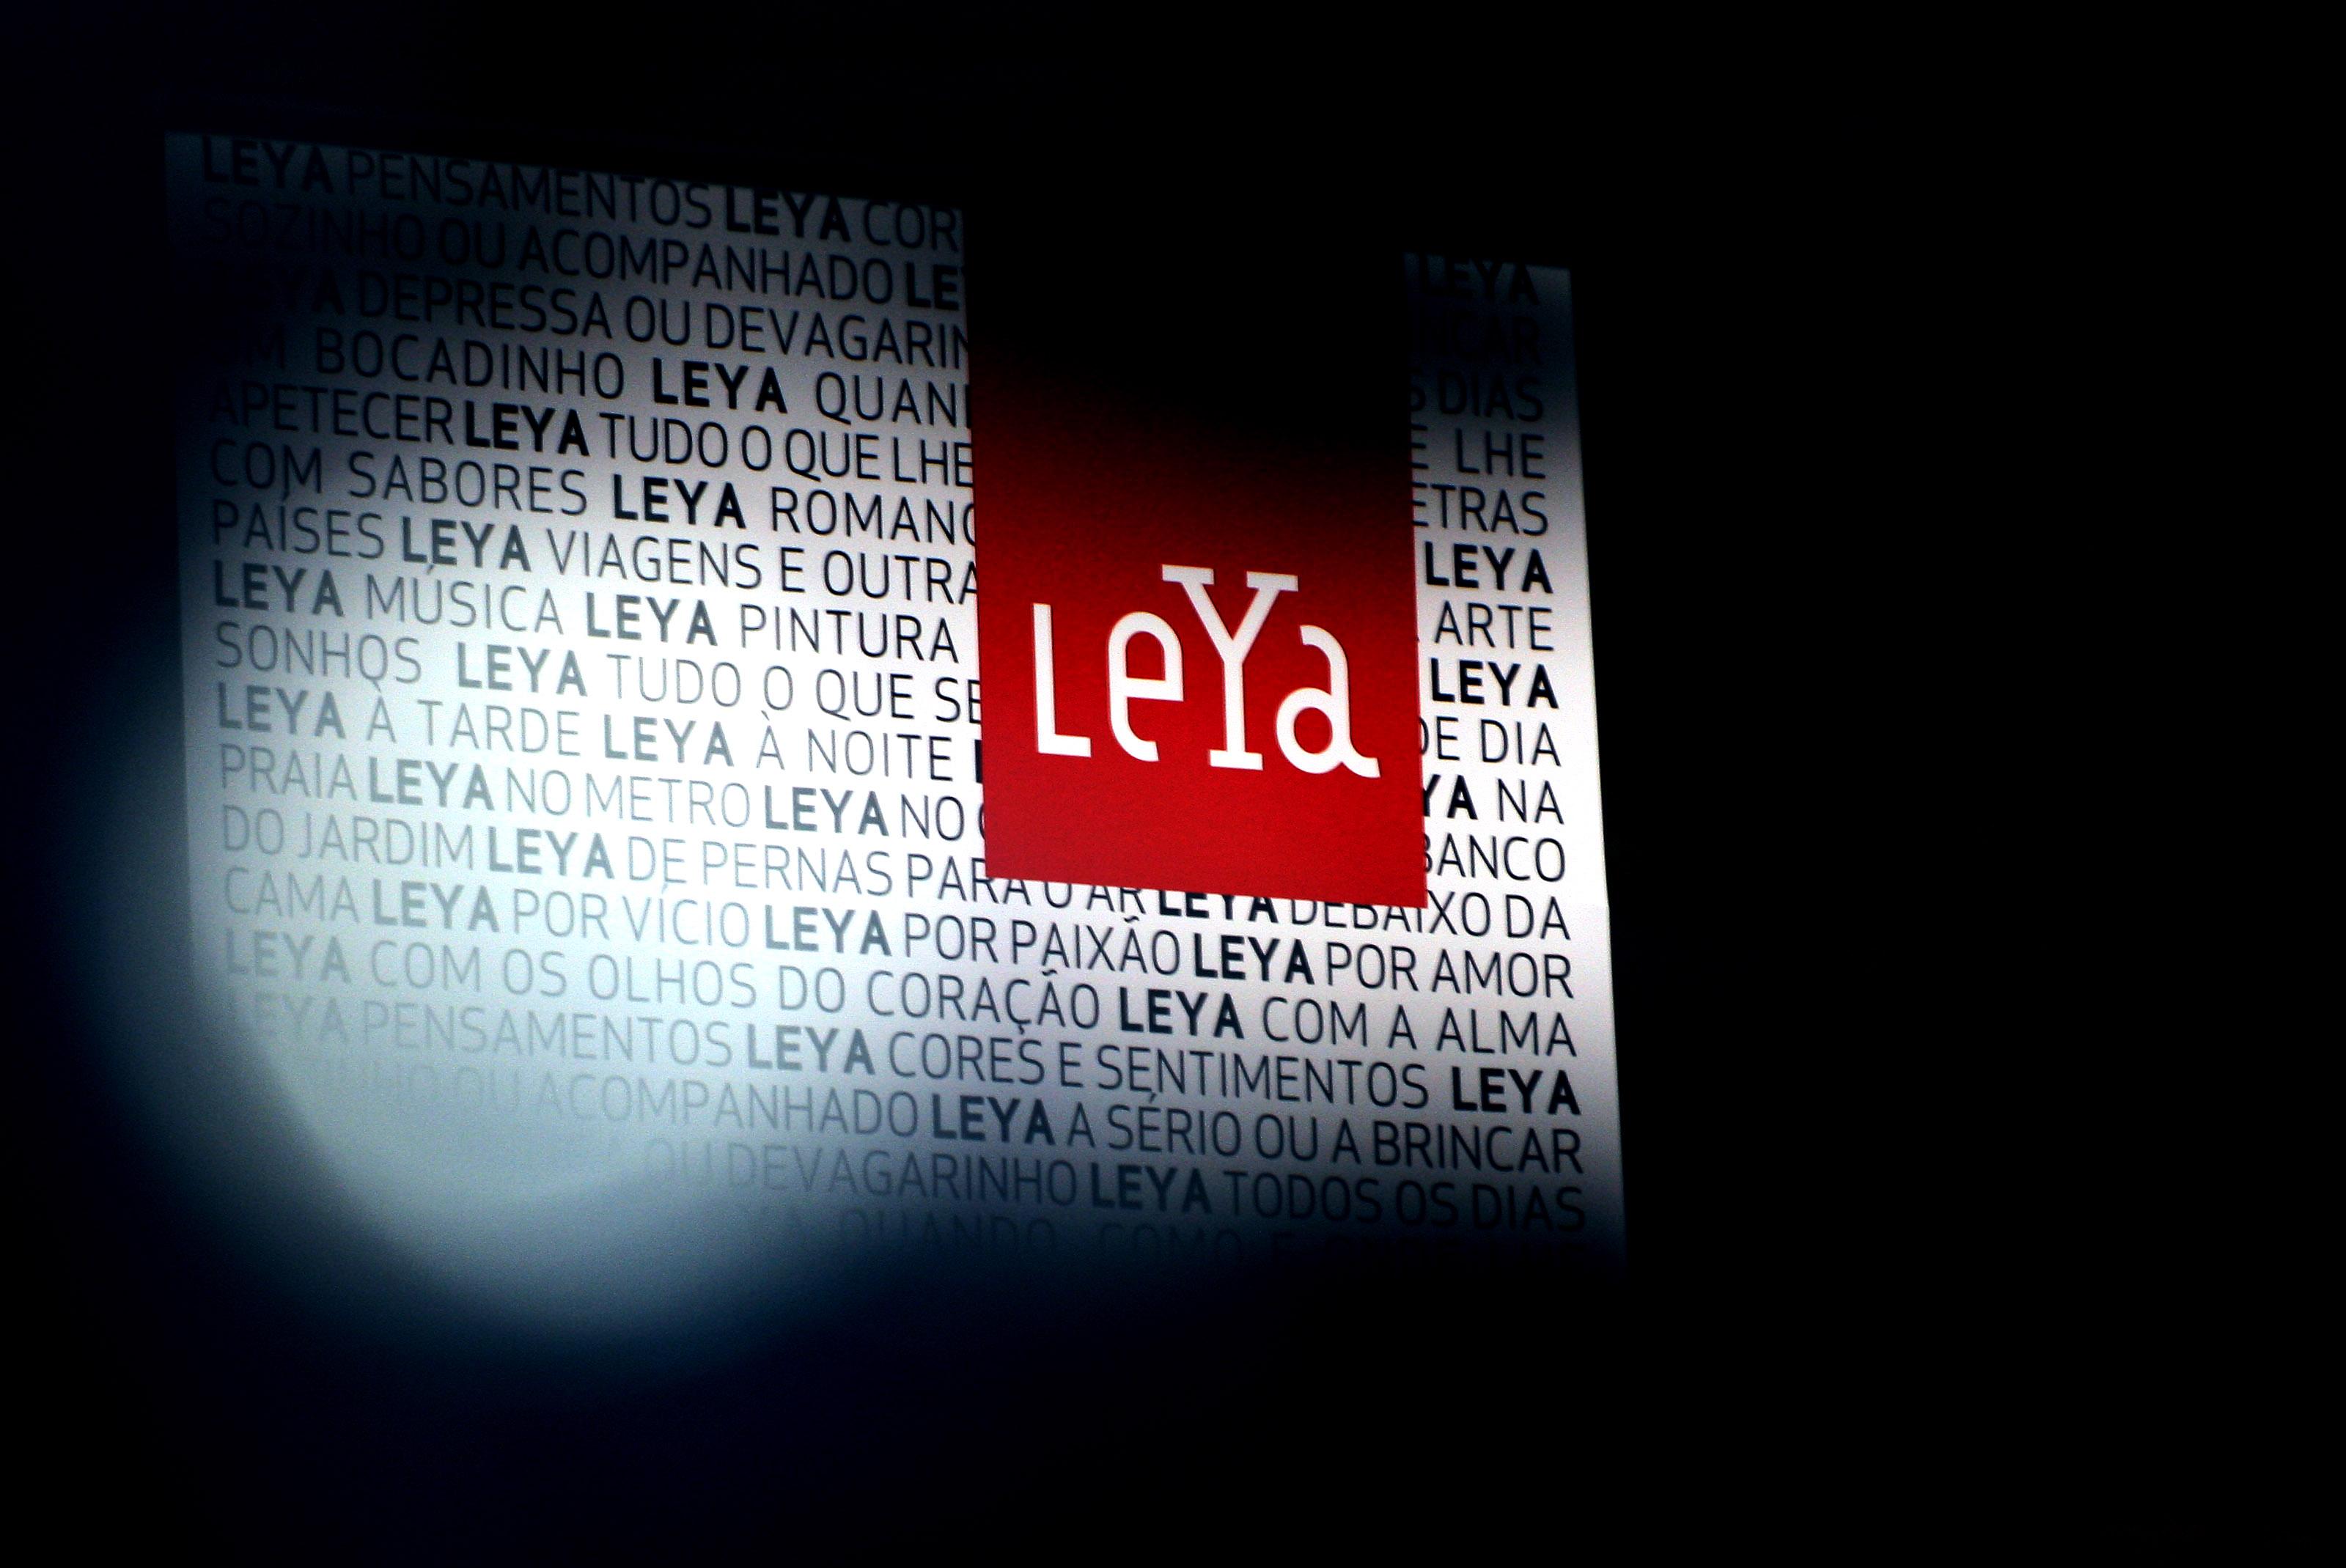 Covid-19: Grupo LeYa suspende entrega do prémio de literatura deste ano